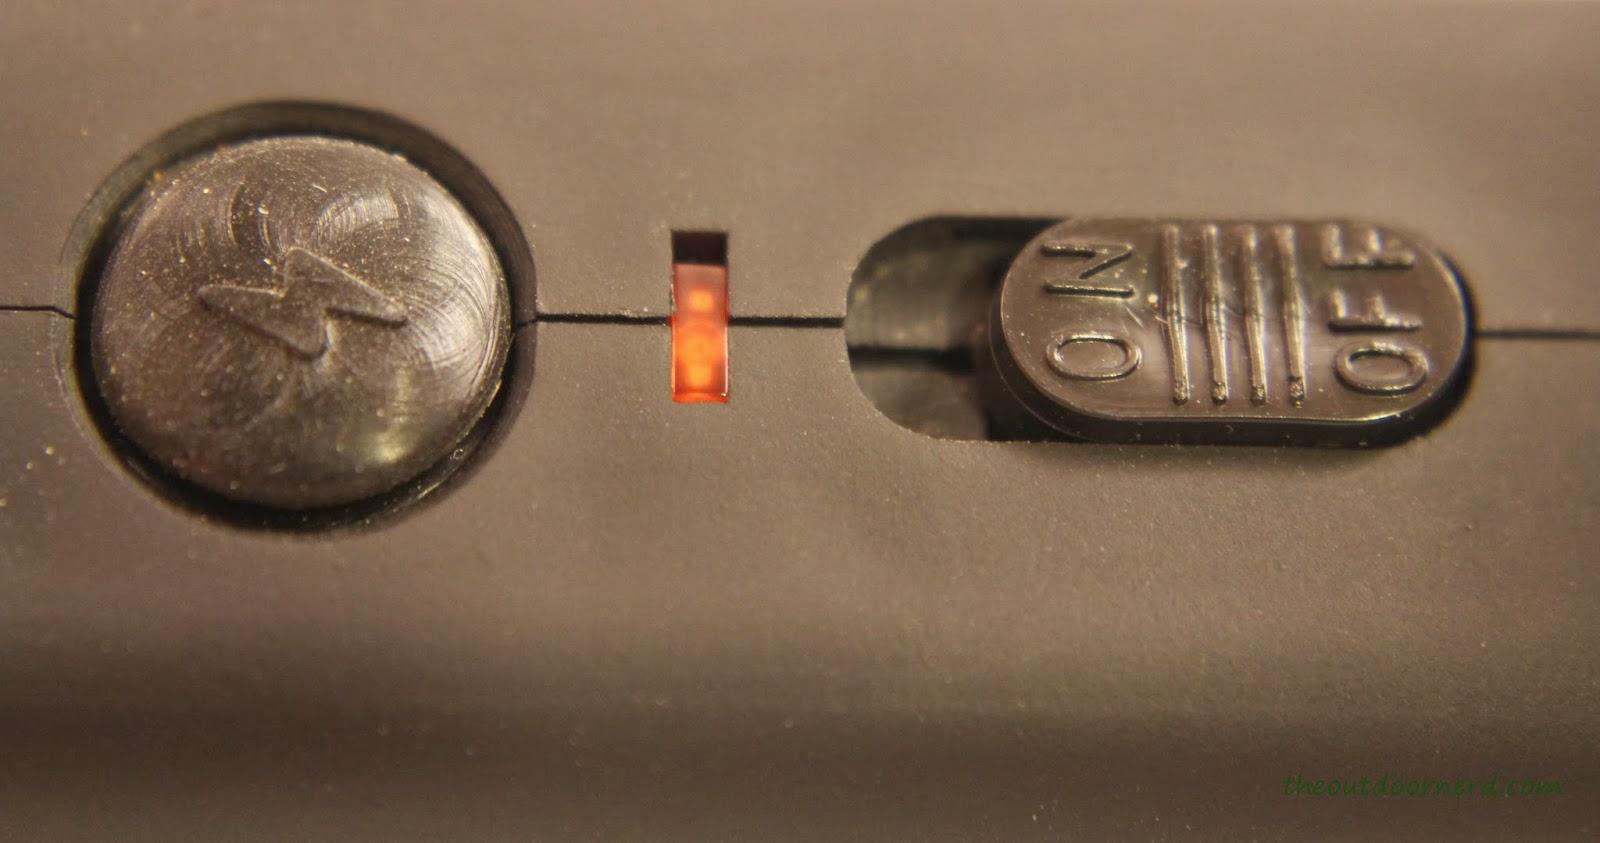 Vipertek VTS-881: Closeup Of Controls